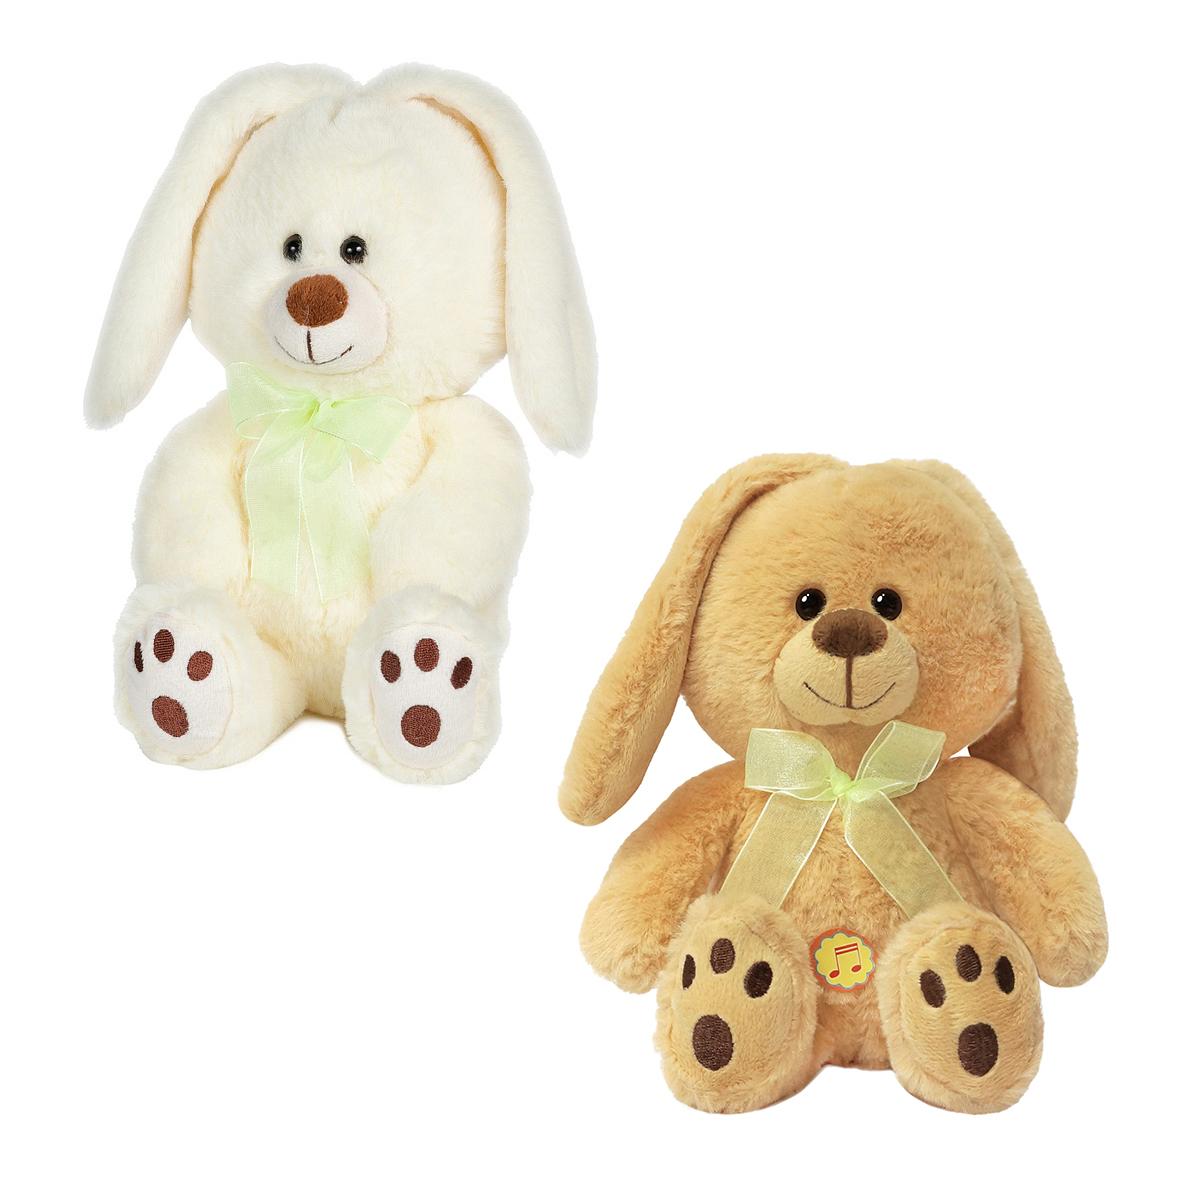 Купить Мягкая игрушка – Зайка-беляк с бантиком, 20 см, звук, MaxiToys